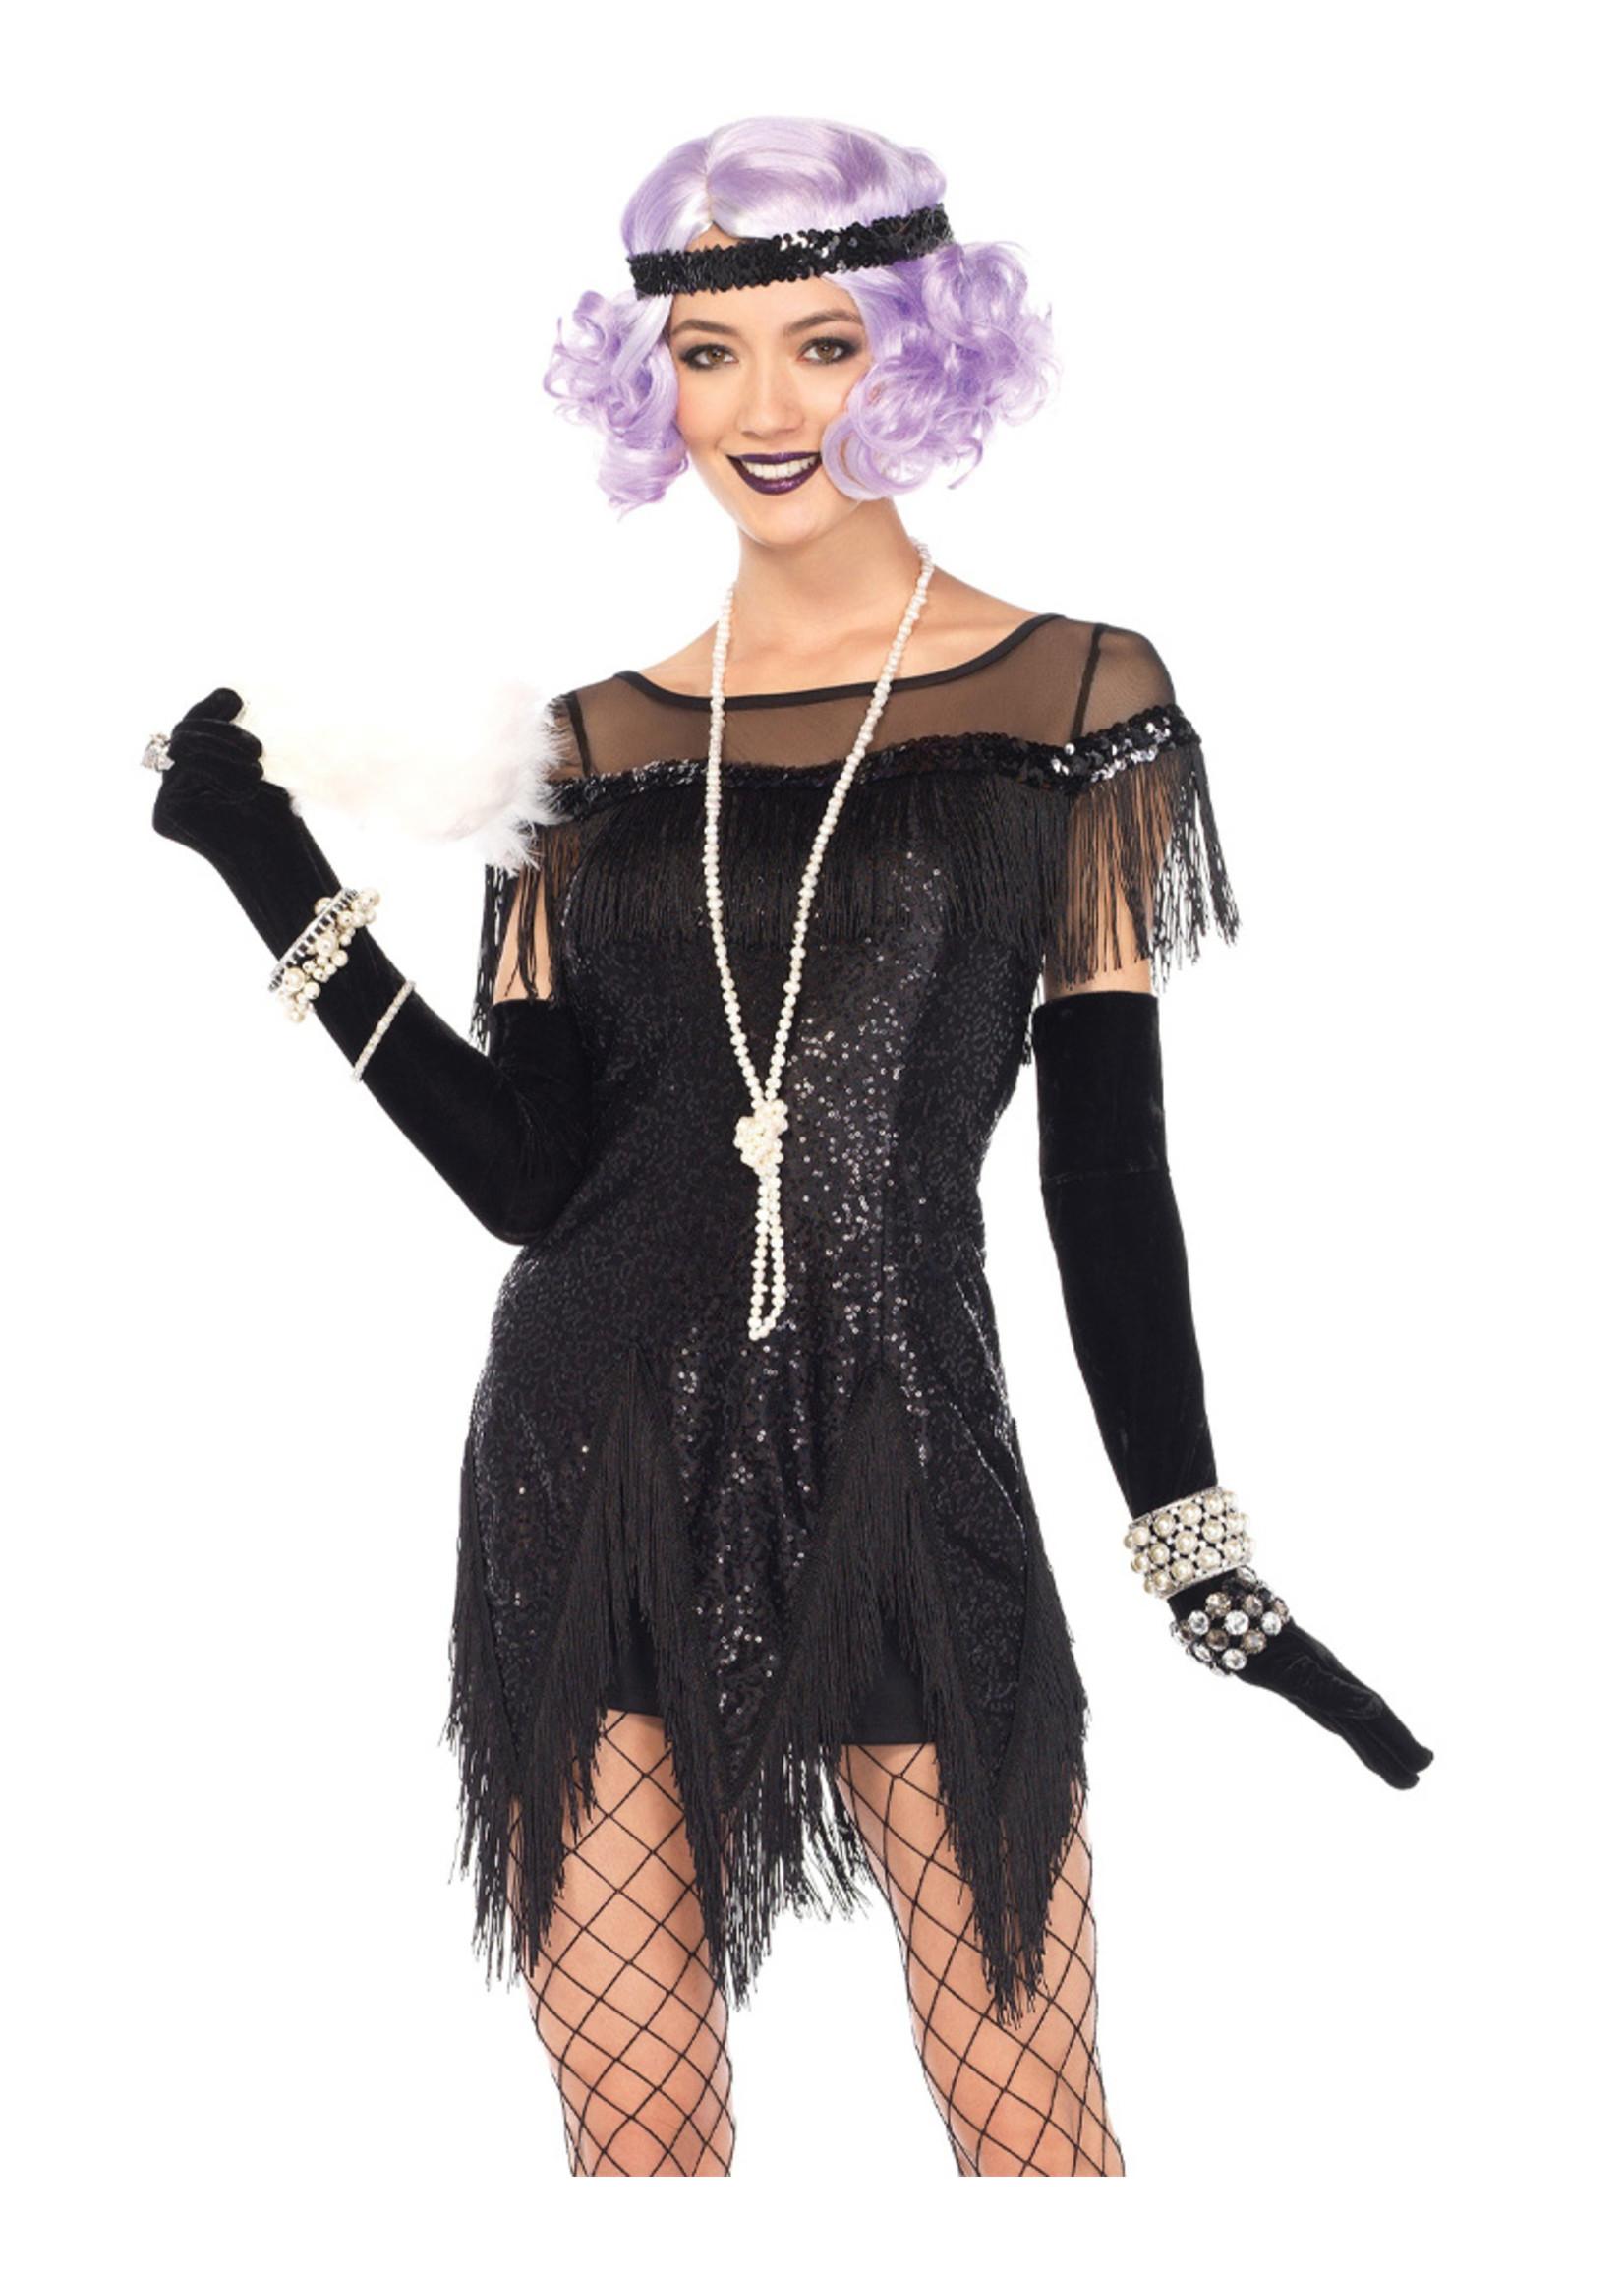 Foxtrot Flirt Costume - Women's